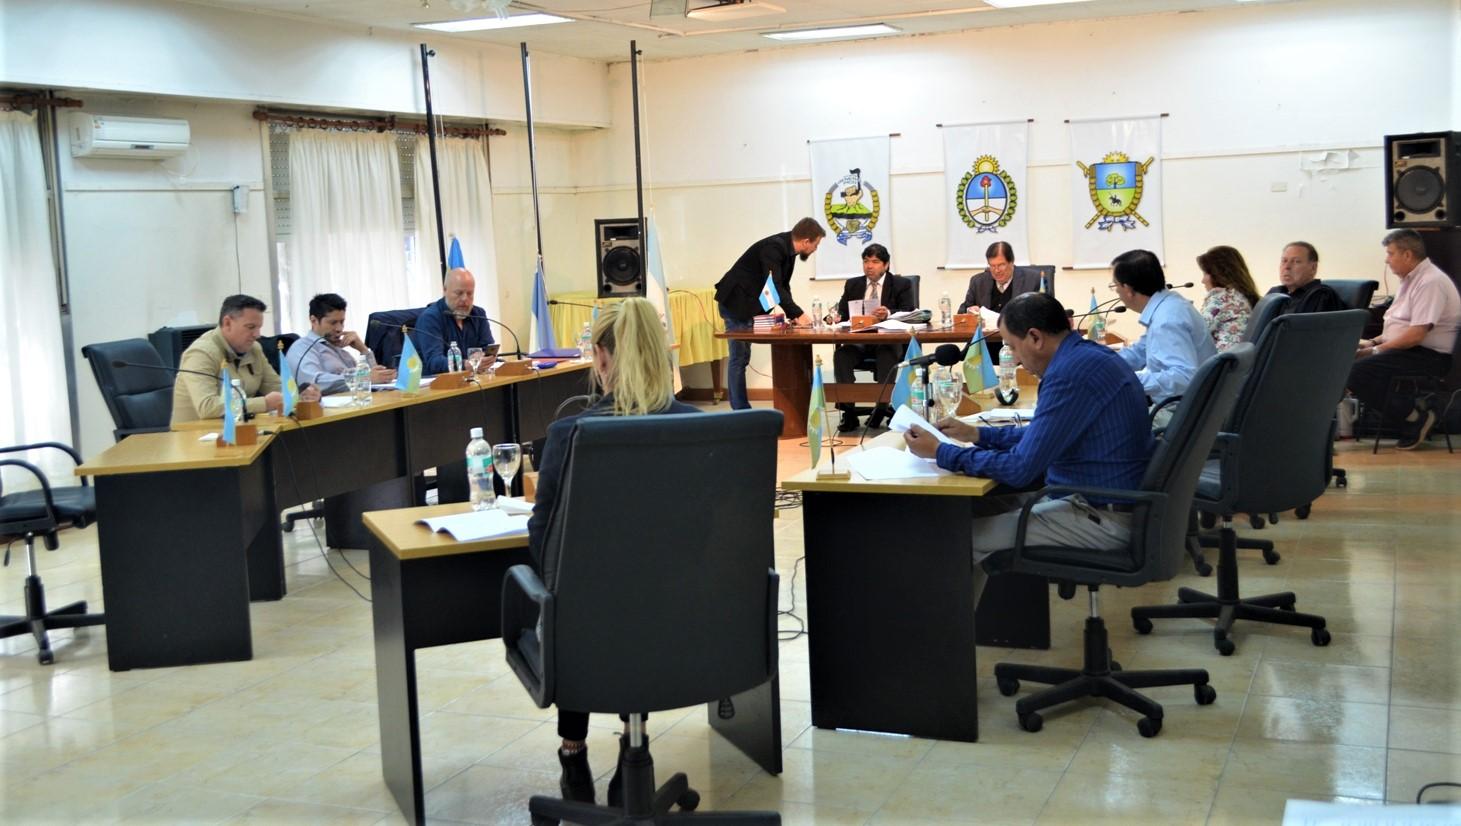 Aprobaron por unanimidad un aumento de las Tasas Municipales a partir de febrero por debajo de la inflación